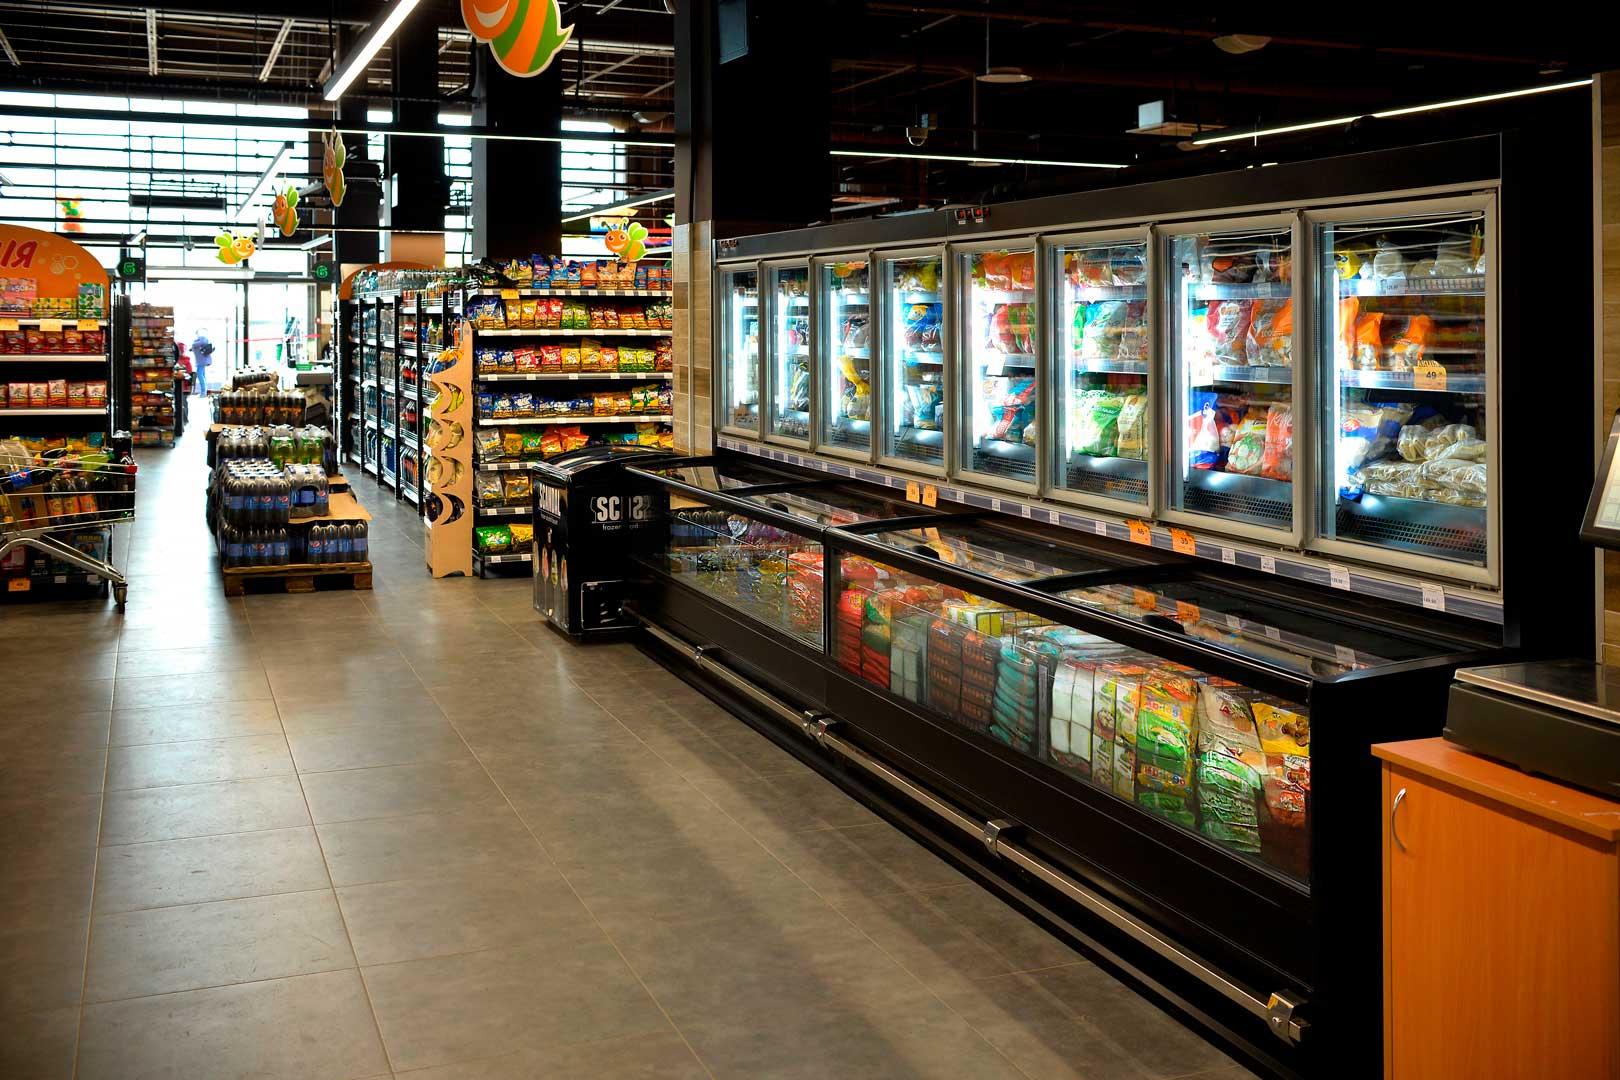 Комбінована холодильна вітрина Alaska combi 2 MD MHV 110 LT D/C 200-DLM